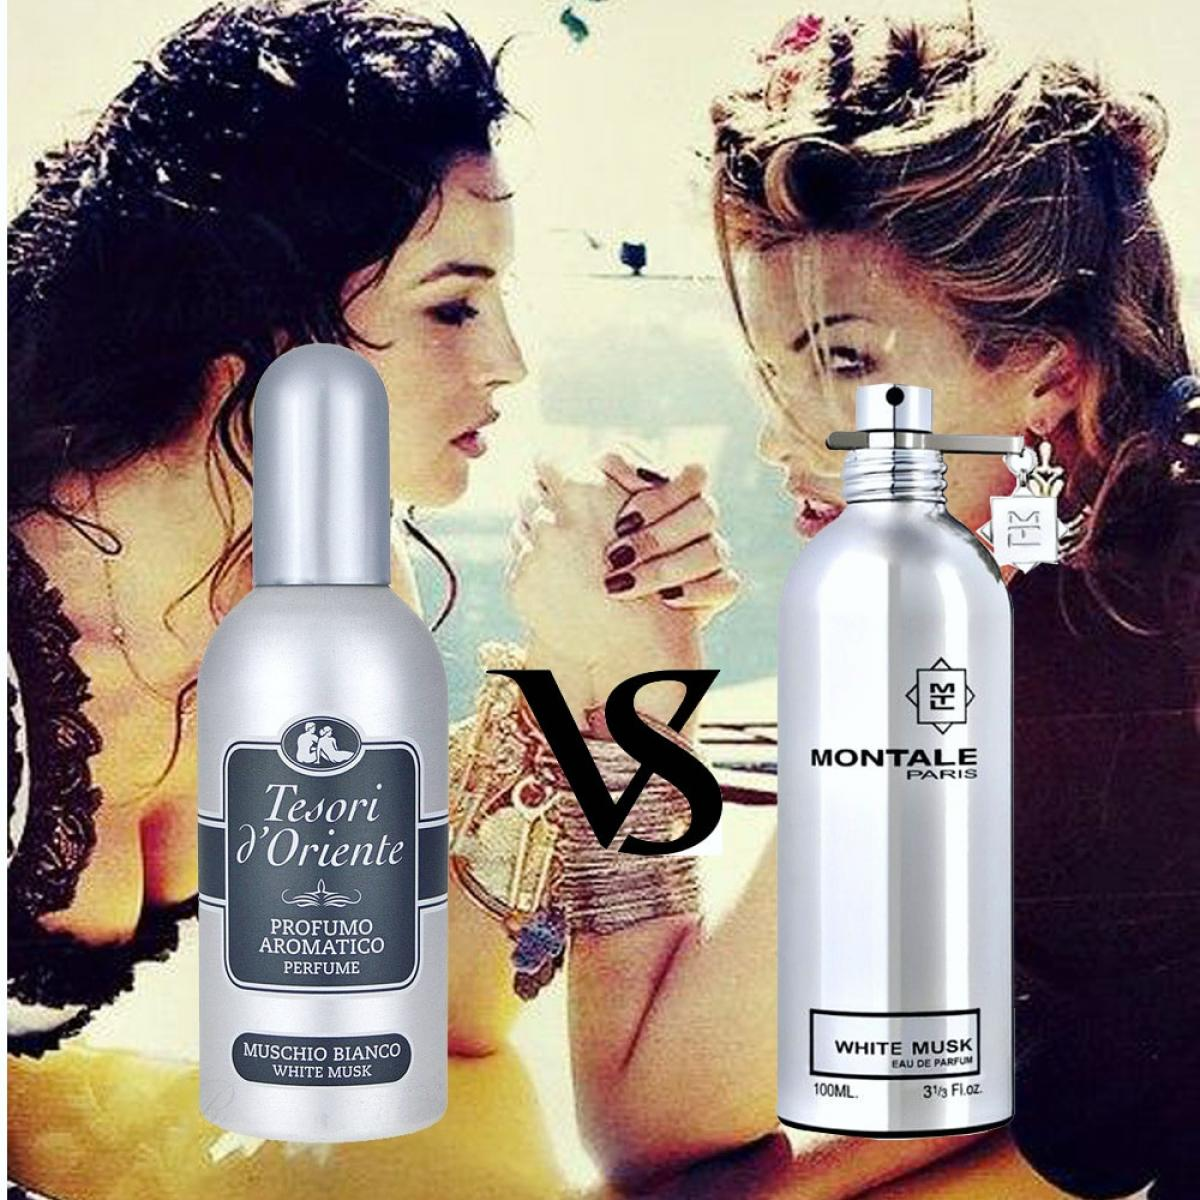 White Musk Montale parfum - een geur voor dames en heren 2007